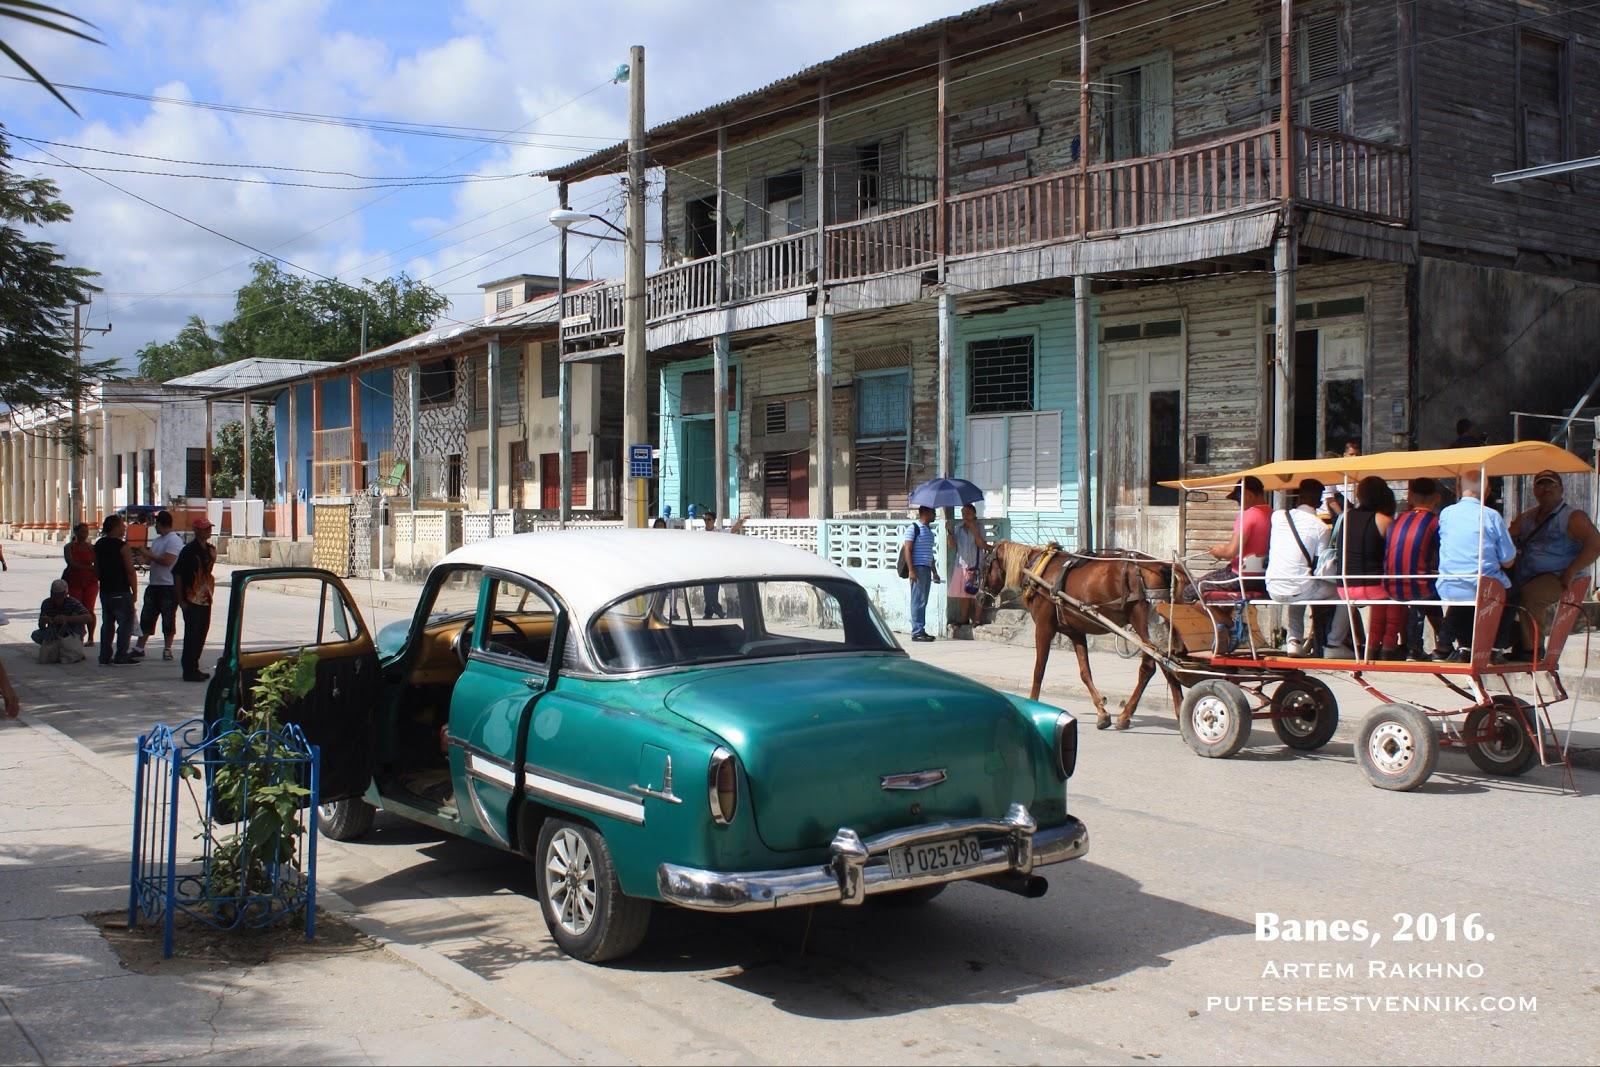 Уличная жизнь города на Кубе